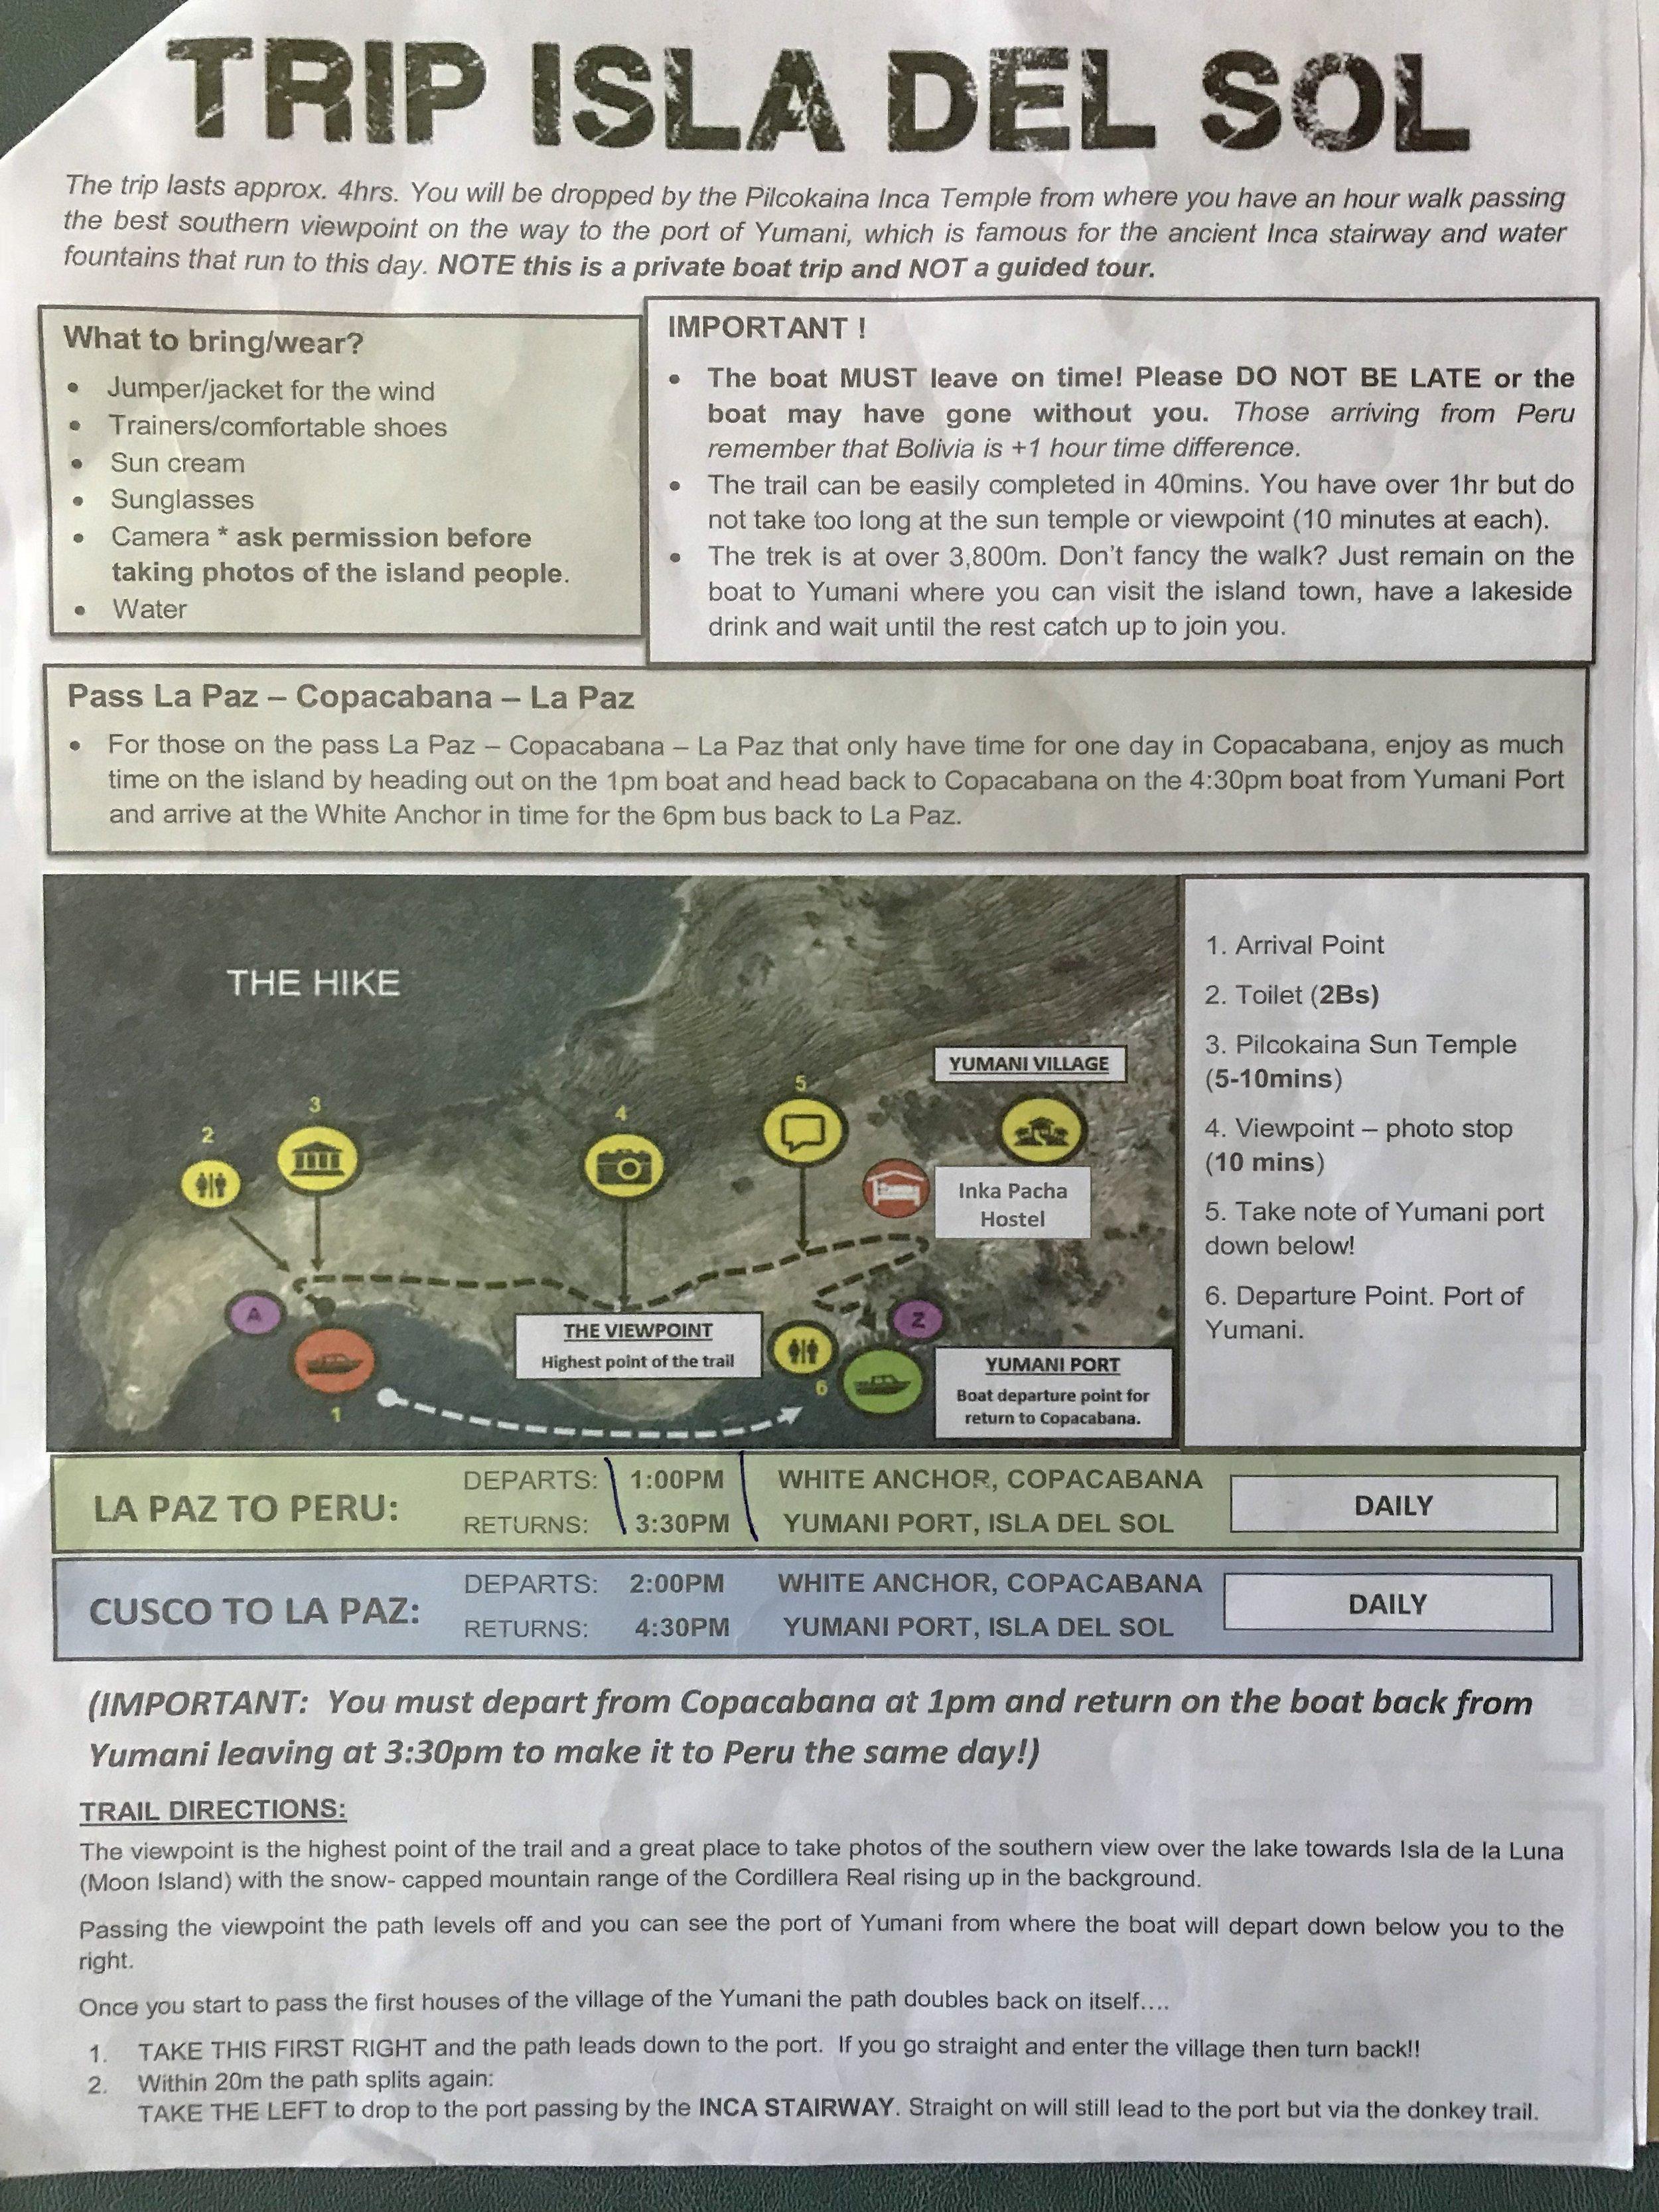 Isla del Sol Information